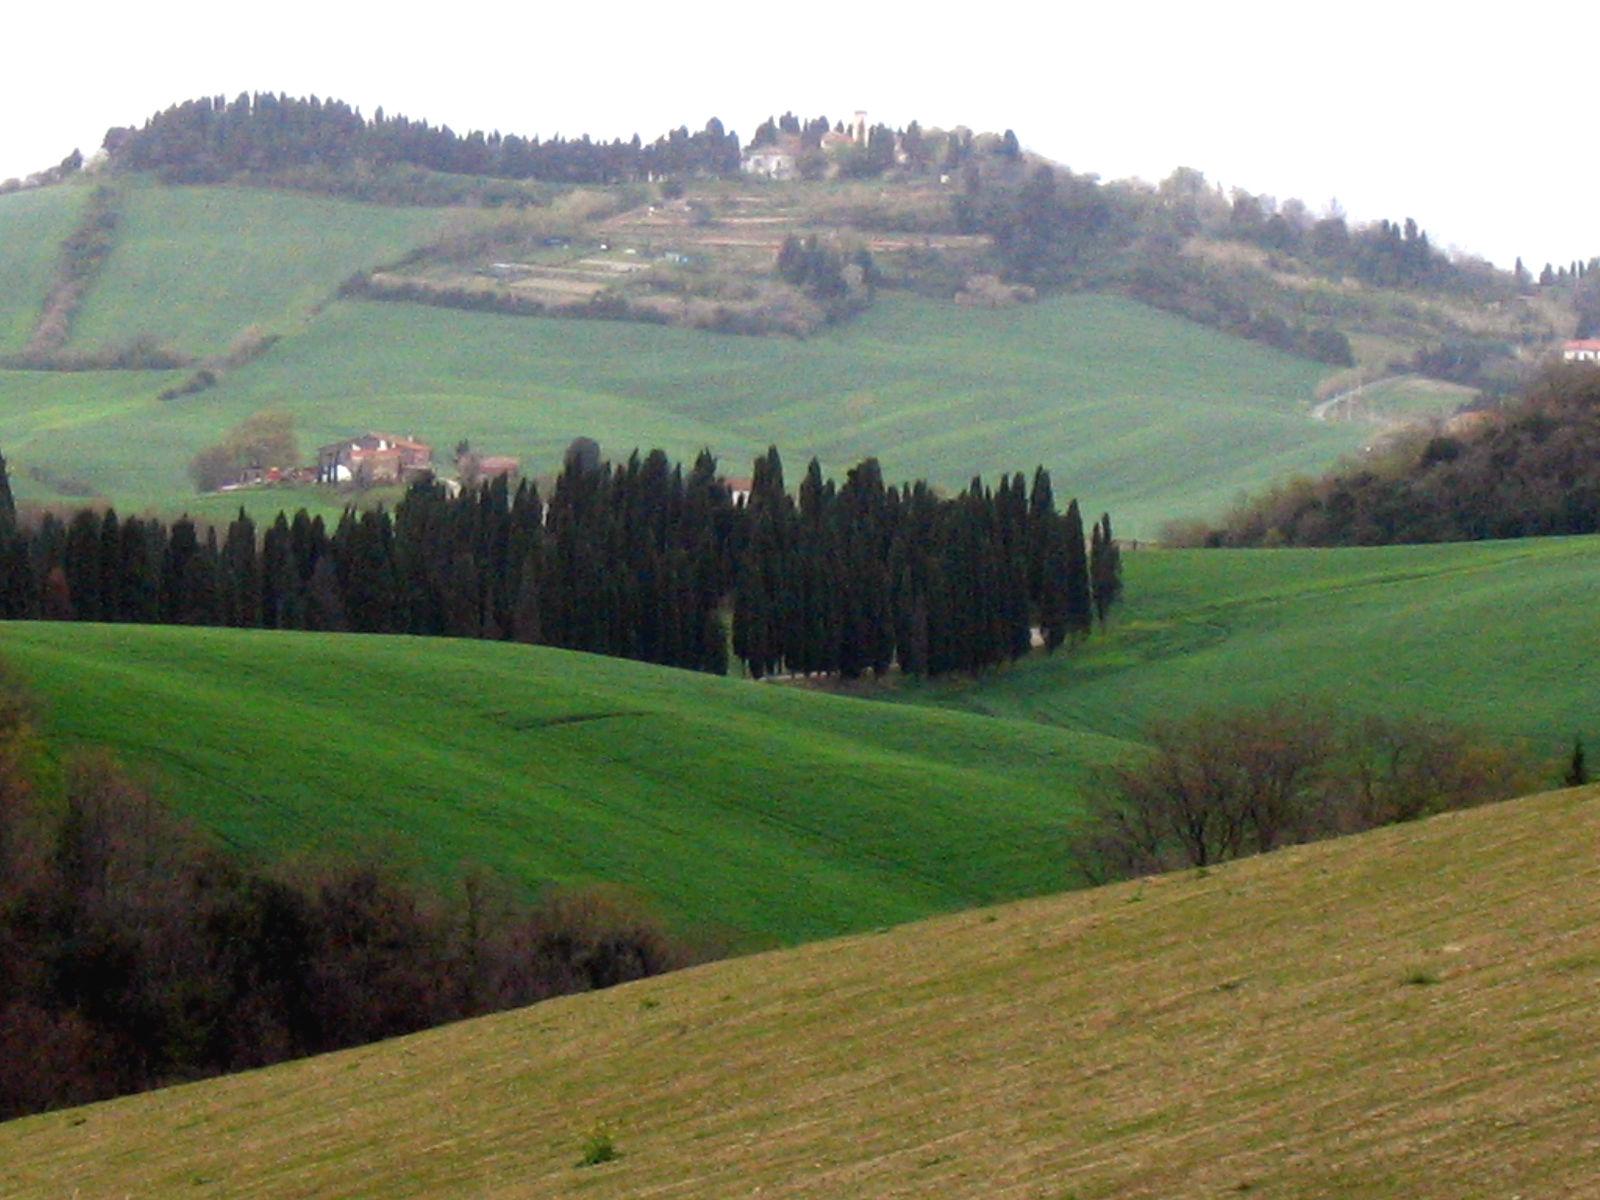 Collesalvetti - Abbazie e leggende tra boschi e fiumi nascosti a Collesalvetti - Toscana Ovunque Bella